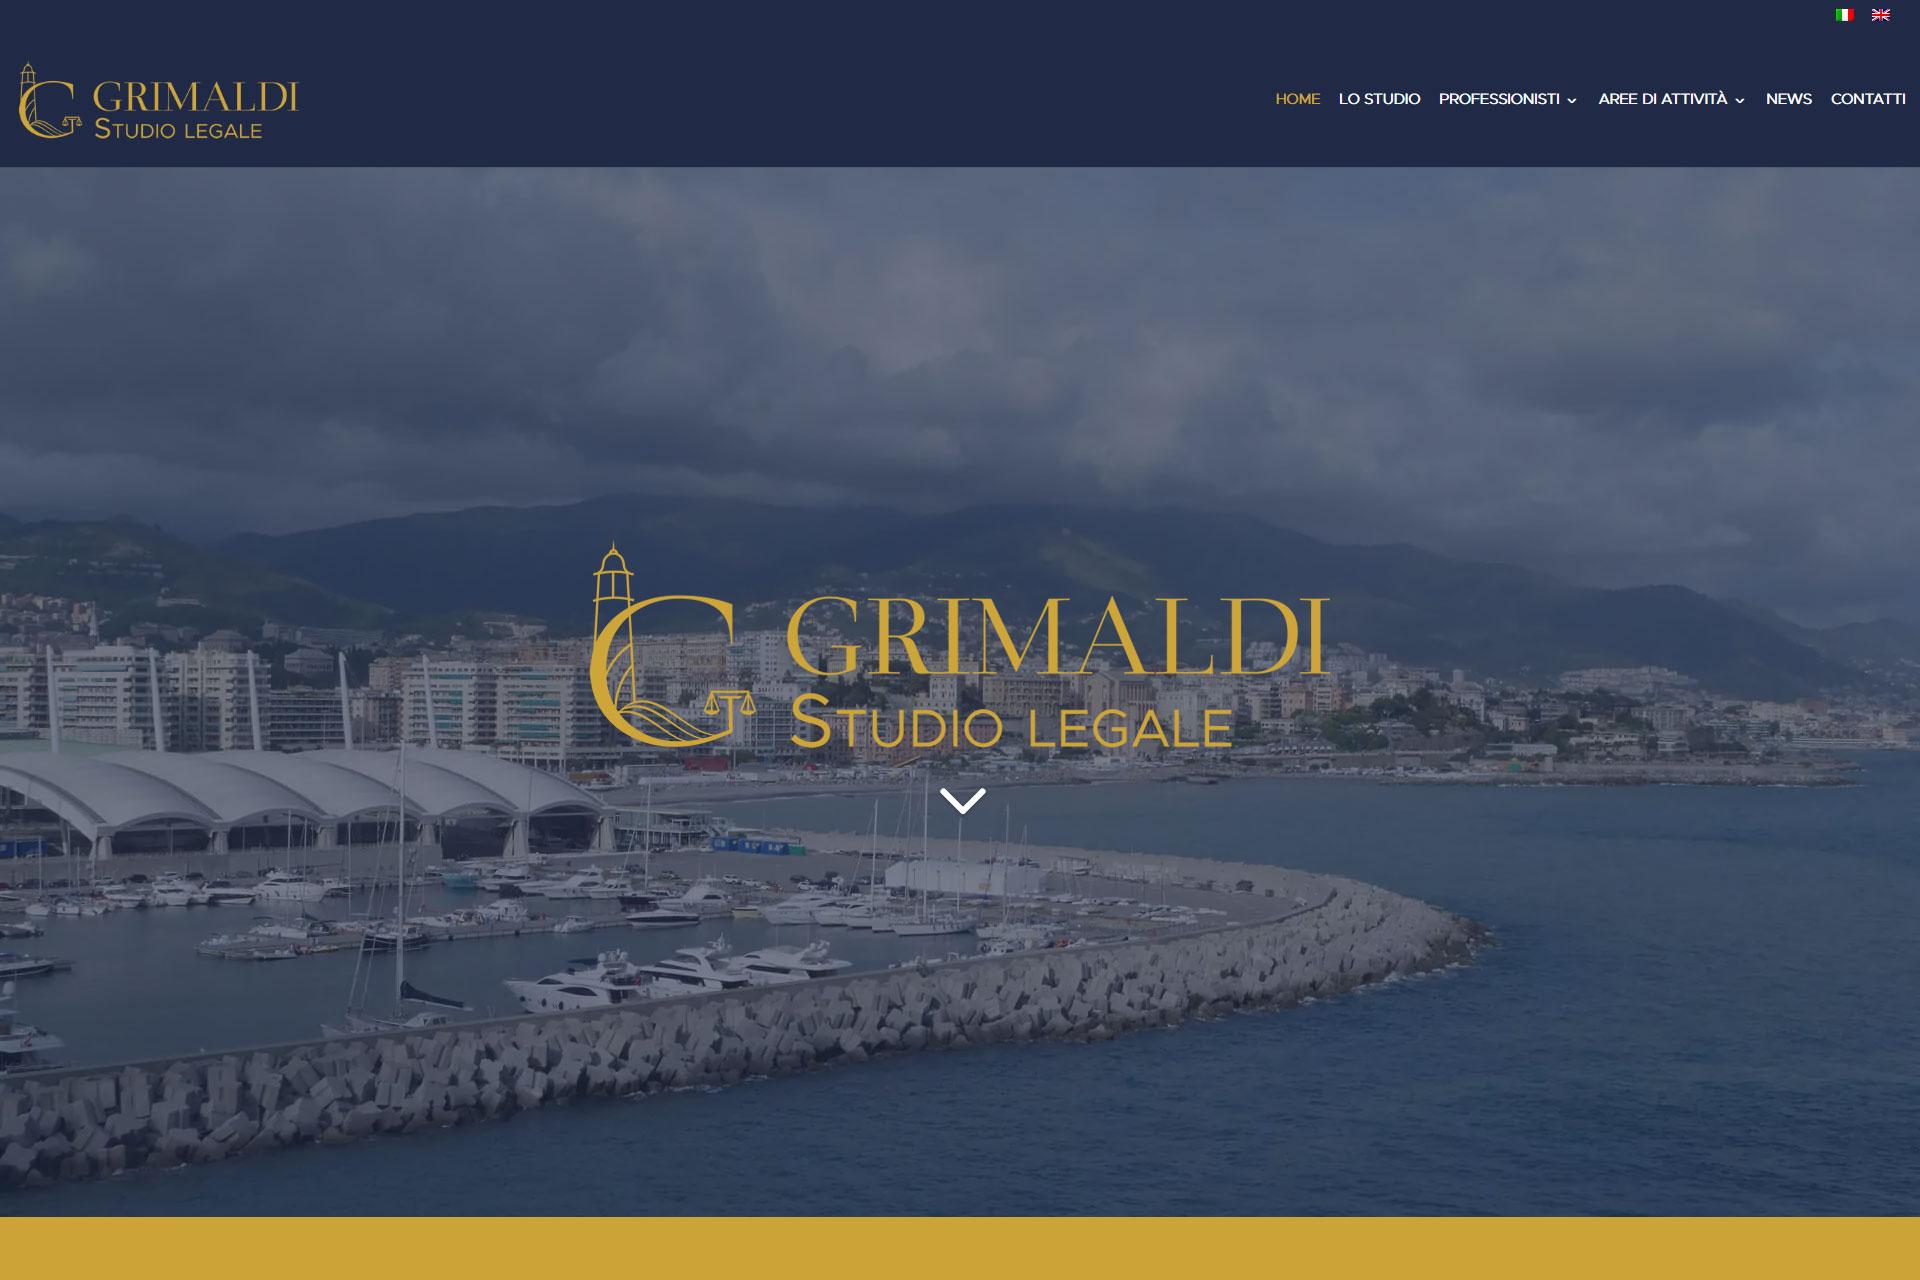 lv-design-realizzazione-siti-web-bologna-portfolio-grimaldi-studio-legale-slide-1